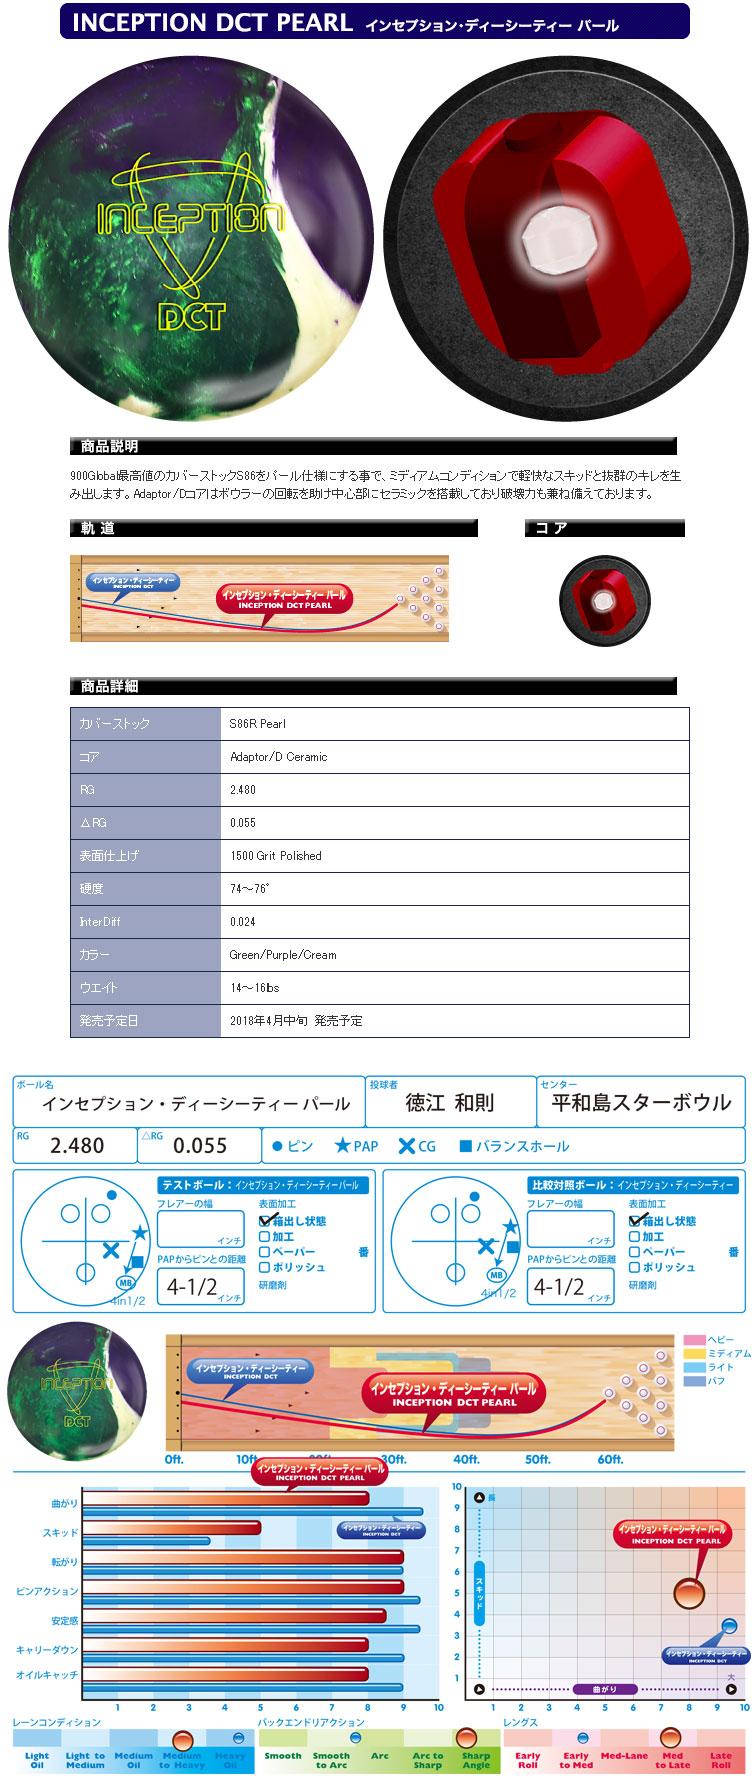 ボウリング用品 ボウリングボール 900グローバル 900GLOBAL インセプションDCTパール INCEPTION DCT PEARL